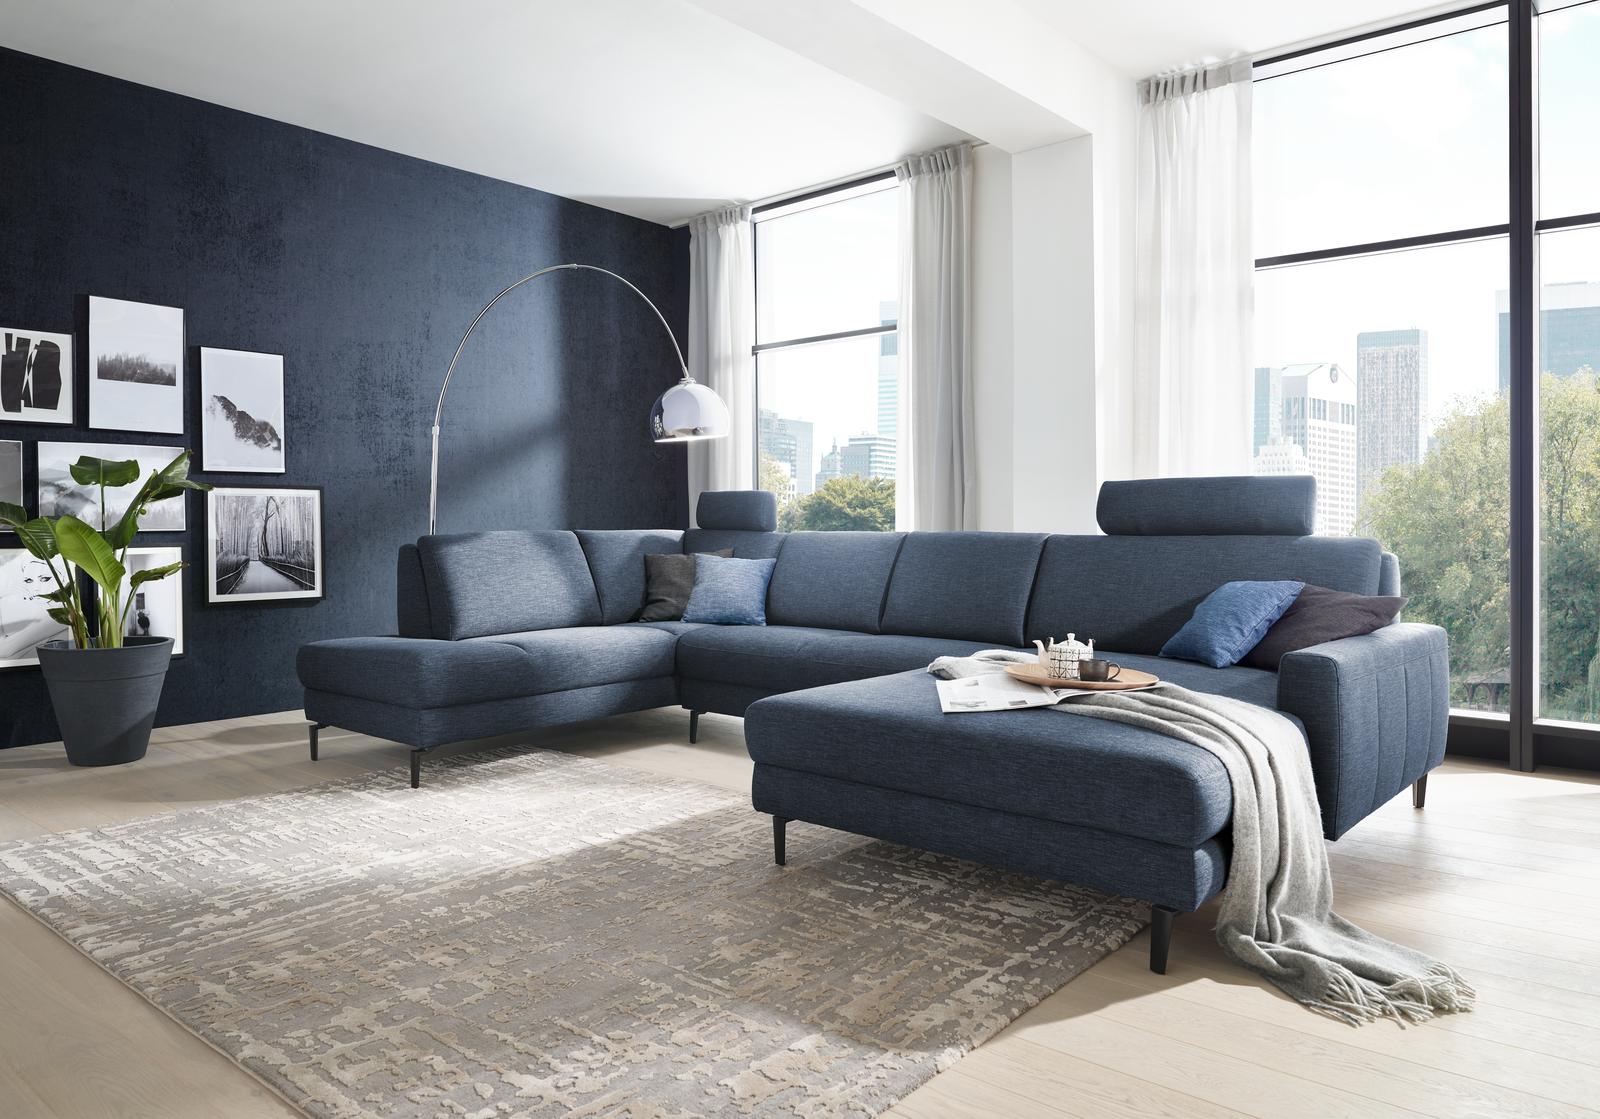 Wohnlandschaft Sandy in blauem Stoff und U-Form mit schwarzen Möbelfüßen.